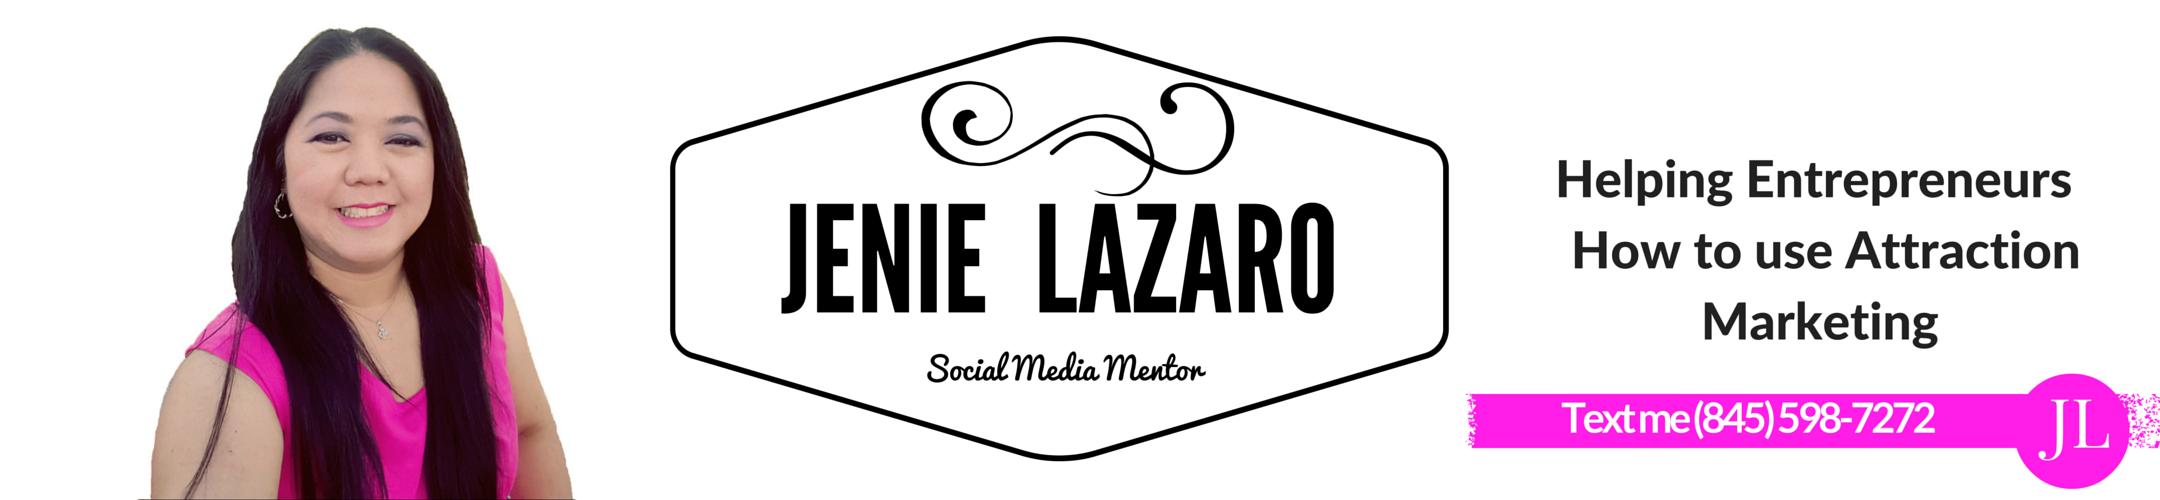 Jenie Lazaro